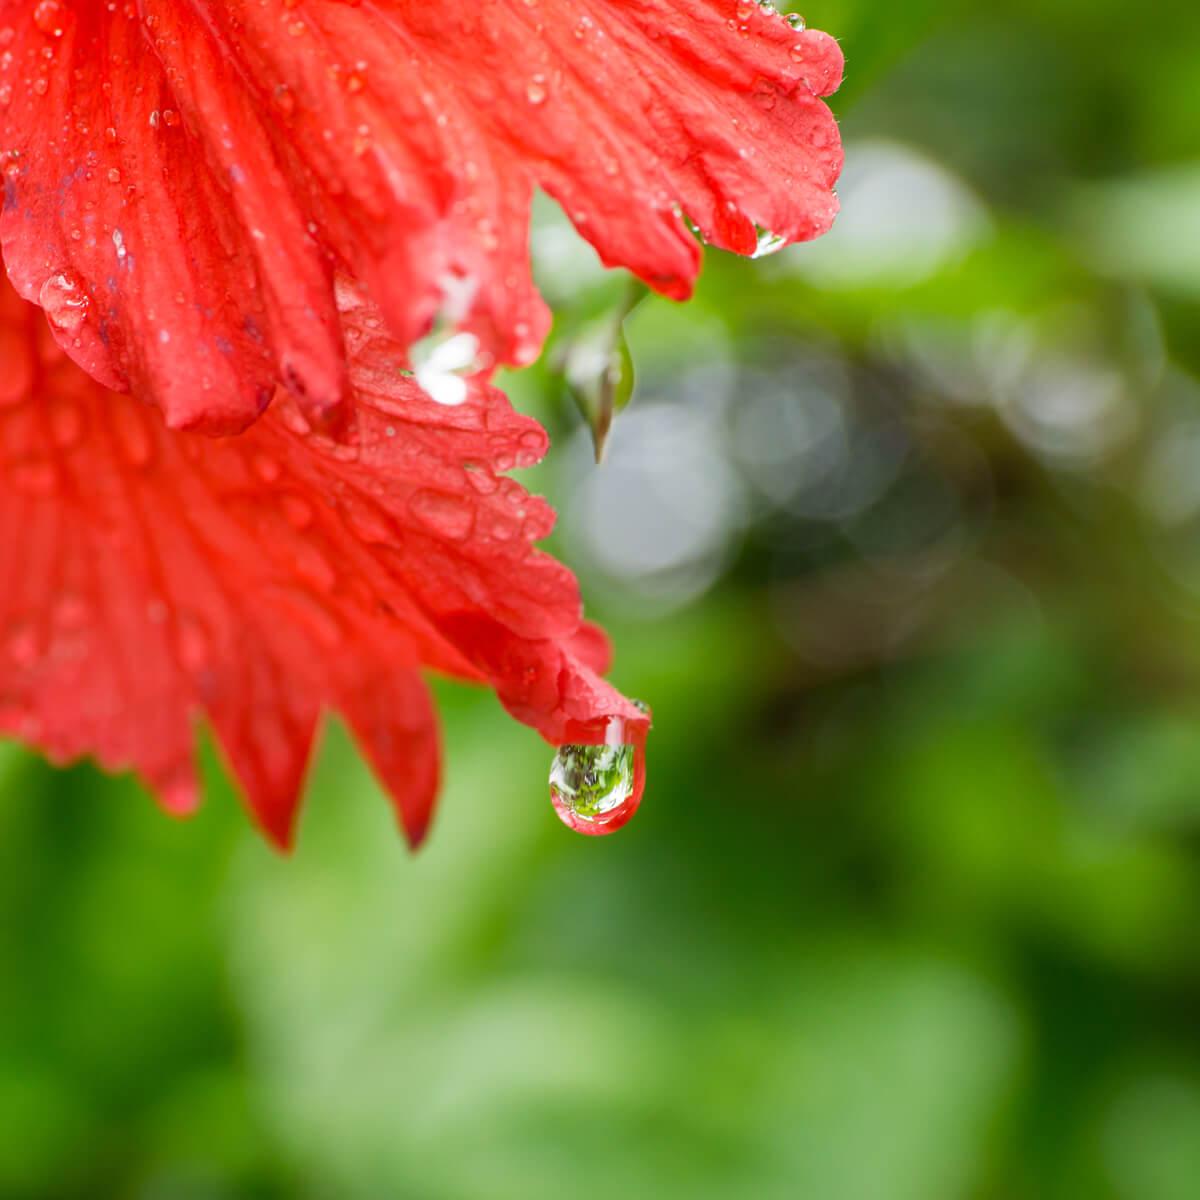 屋久島のハイビスカス、雨のしずく 屋久島雨とジュエリー オーダーメイドジュエリーのモチーフ